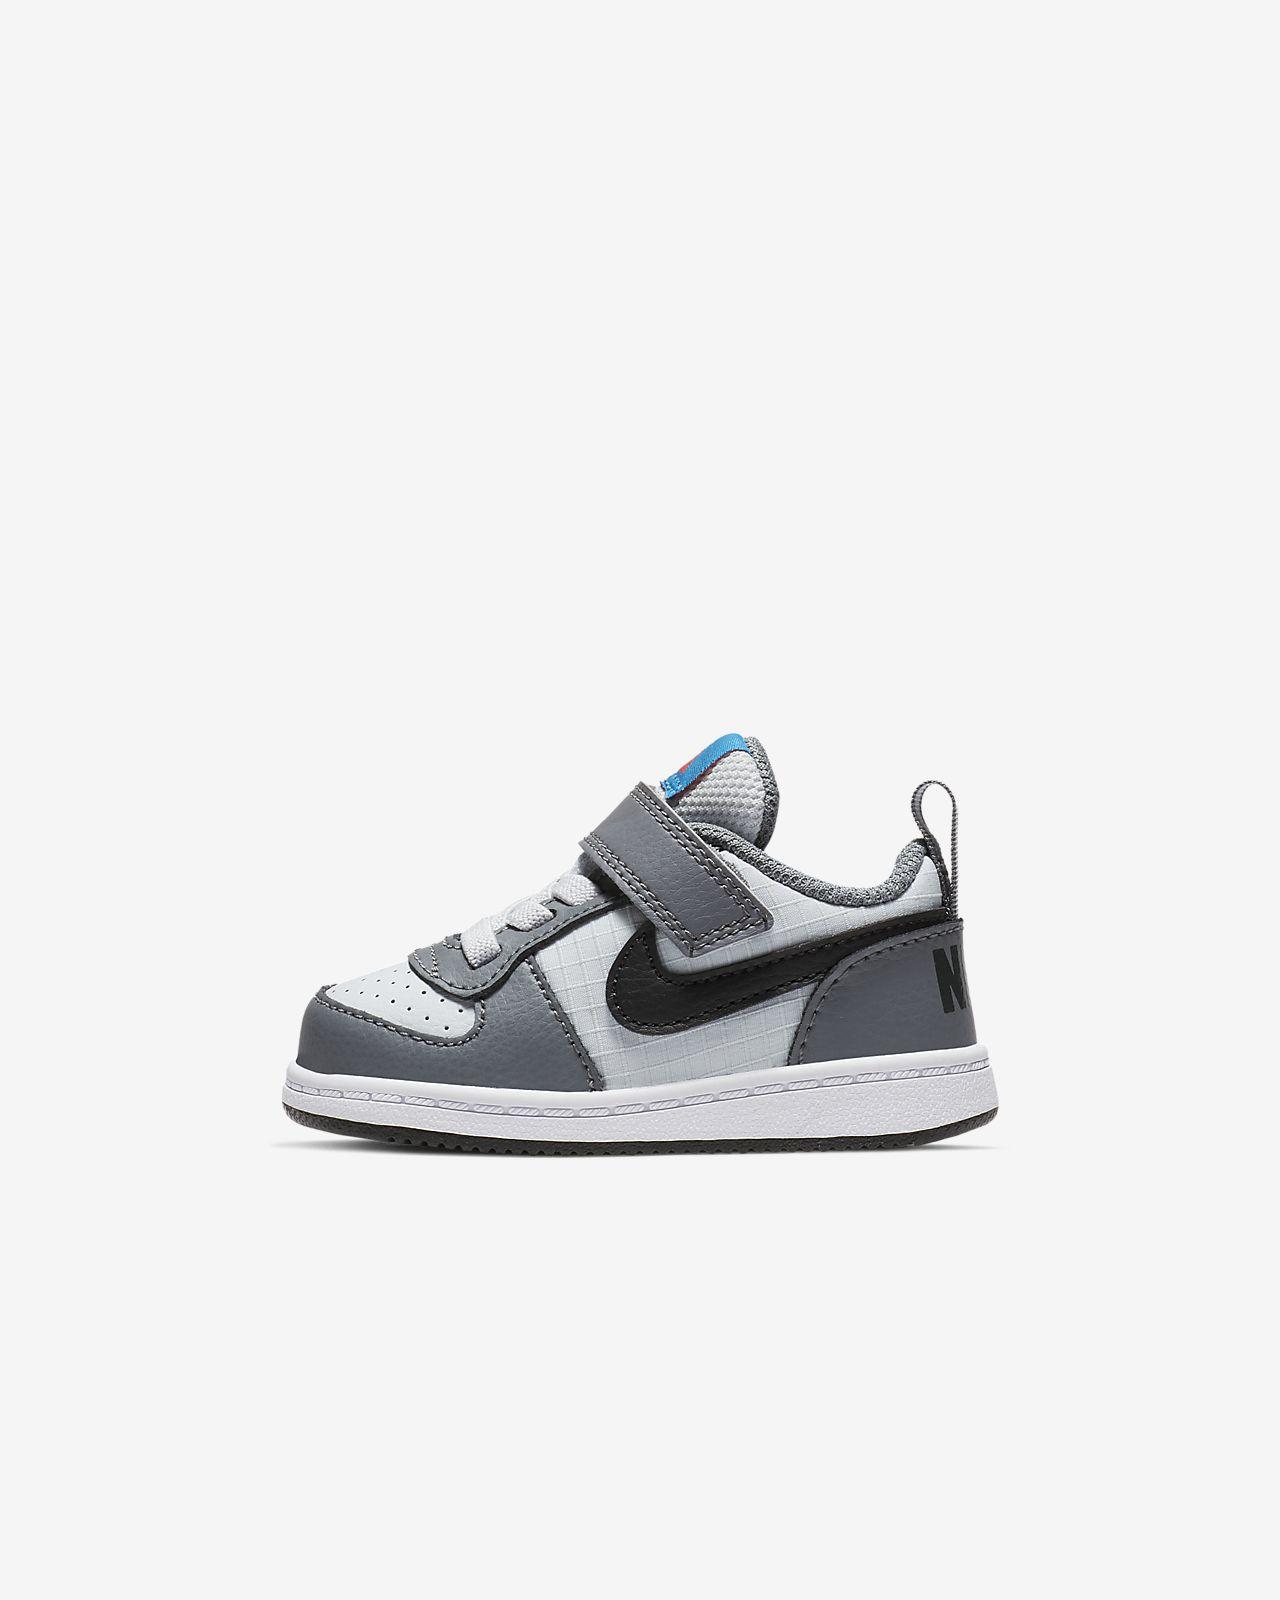 e0e90124fcf NikeCourt Borough Low Zapatillas - Bebé e infantil. Nike.com ES